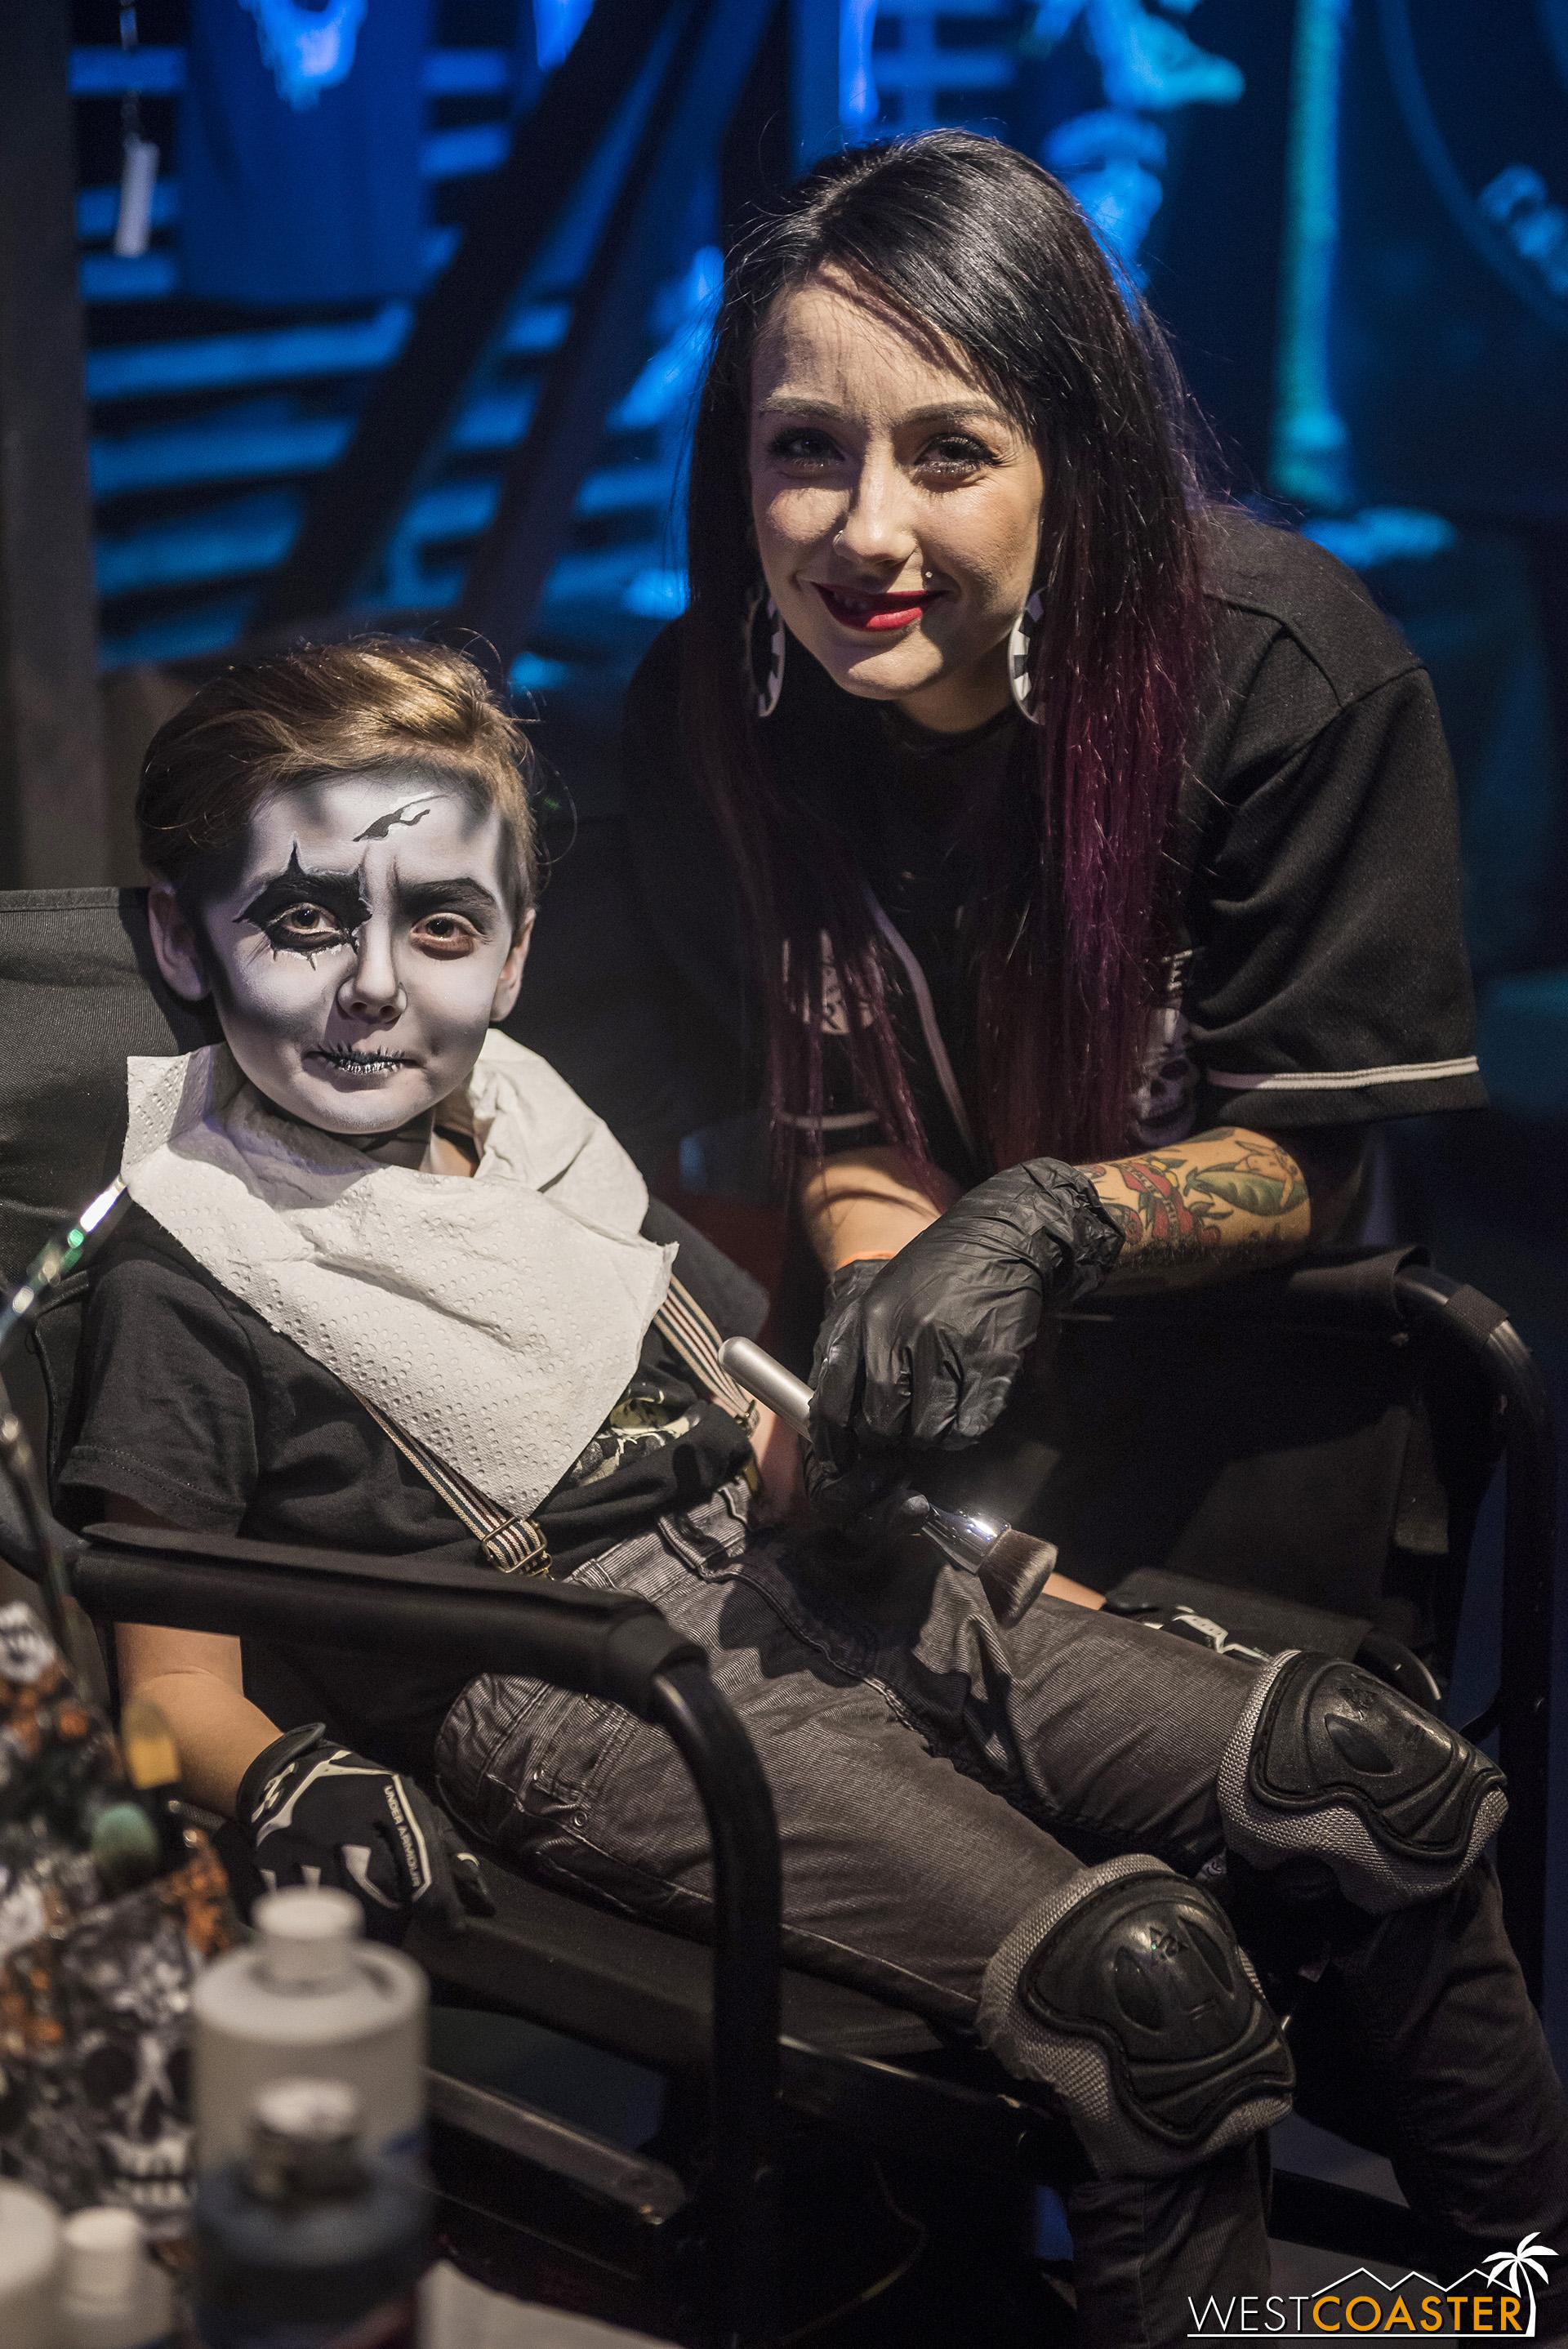 Makeup artist,   Nicole Moroni  , with her adorable kid.